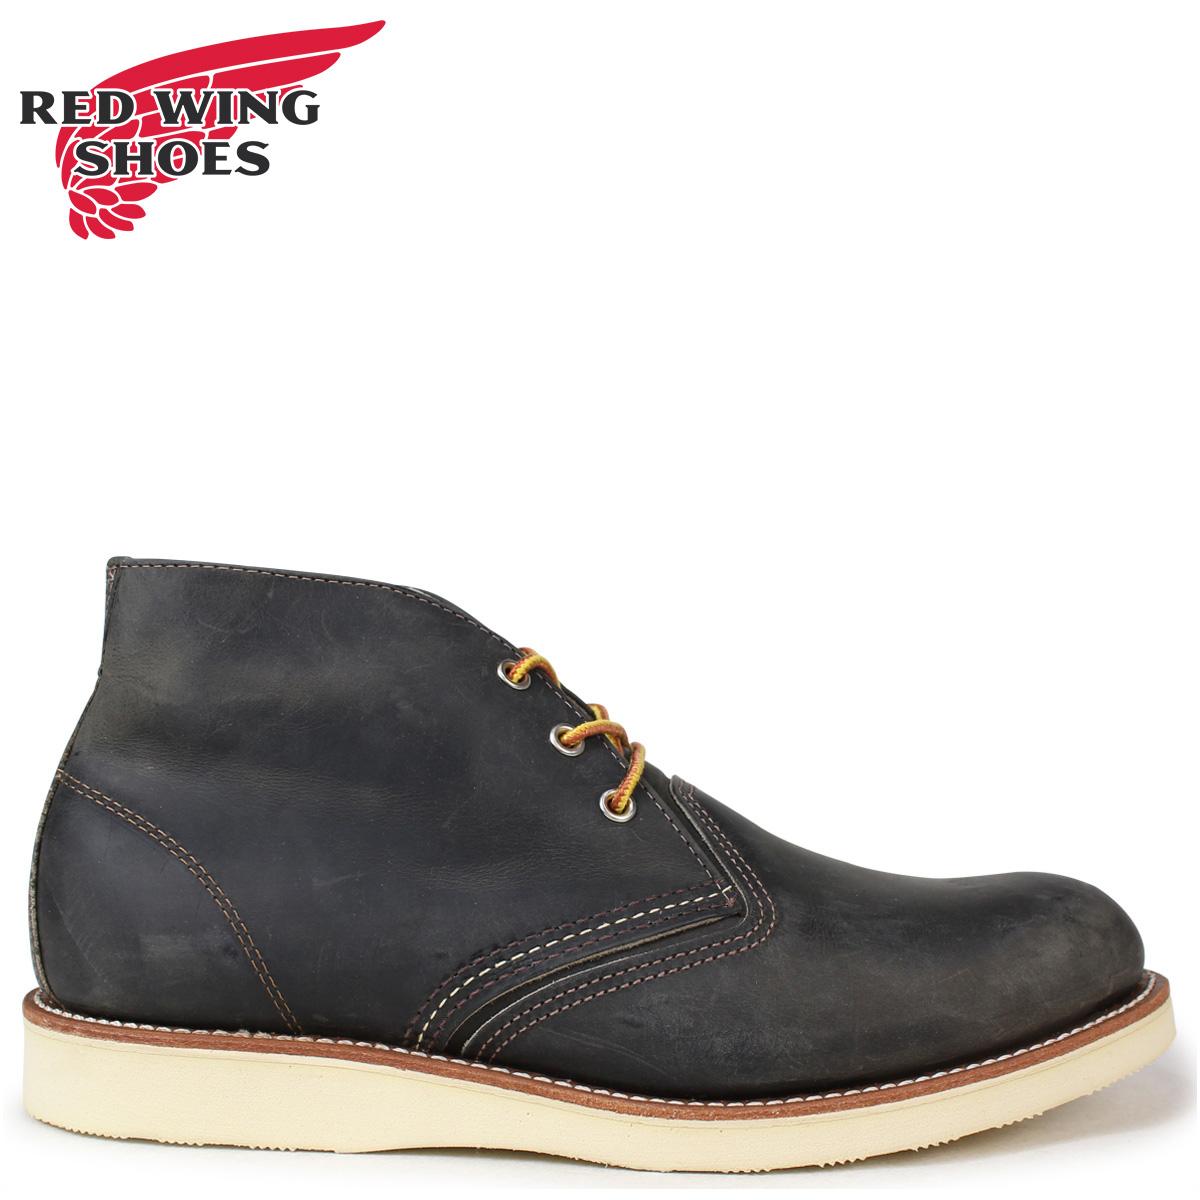 RED WING レッドウィング ブーツ チャッカブーツ クラシック メンズ CLASSIC CHUKKA Dワイズ チャコール 3150